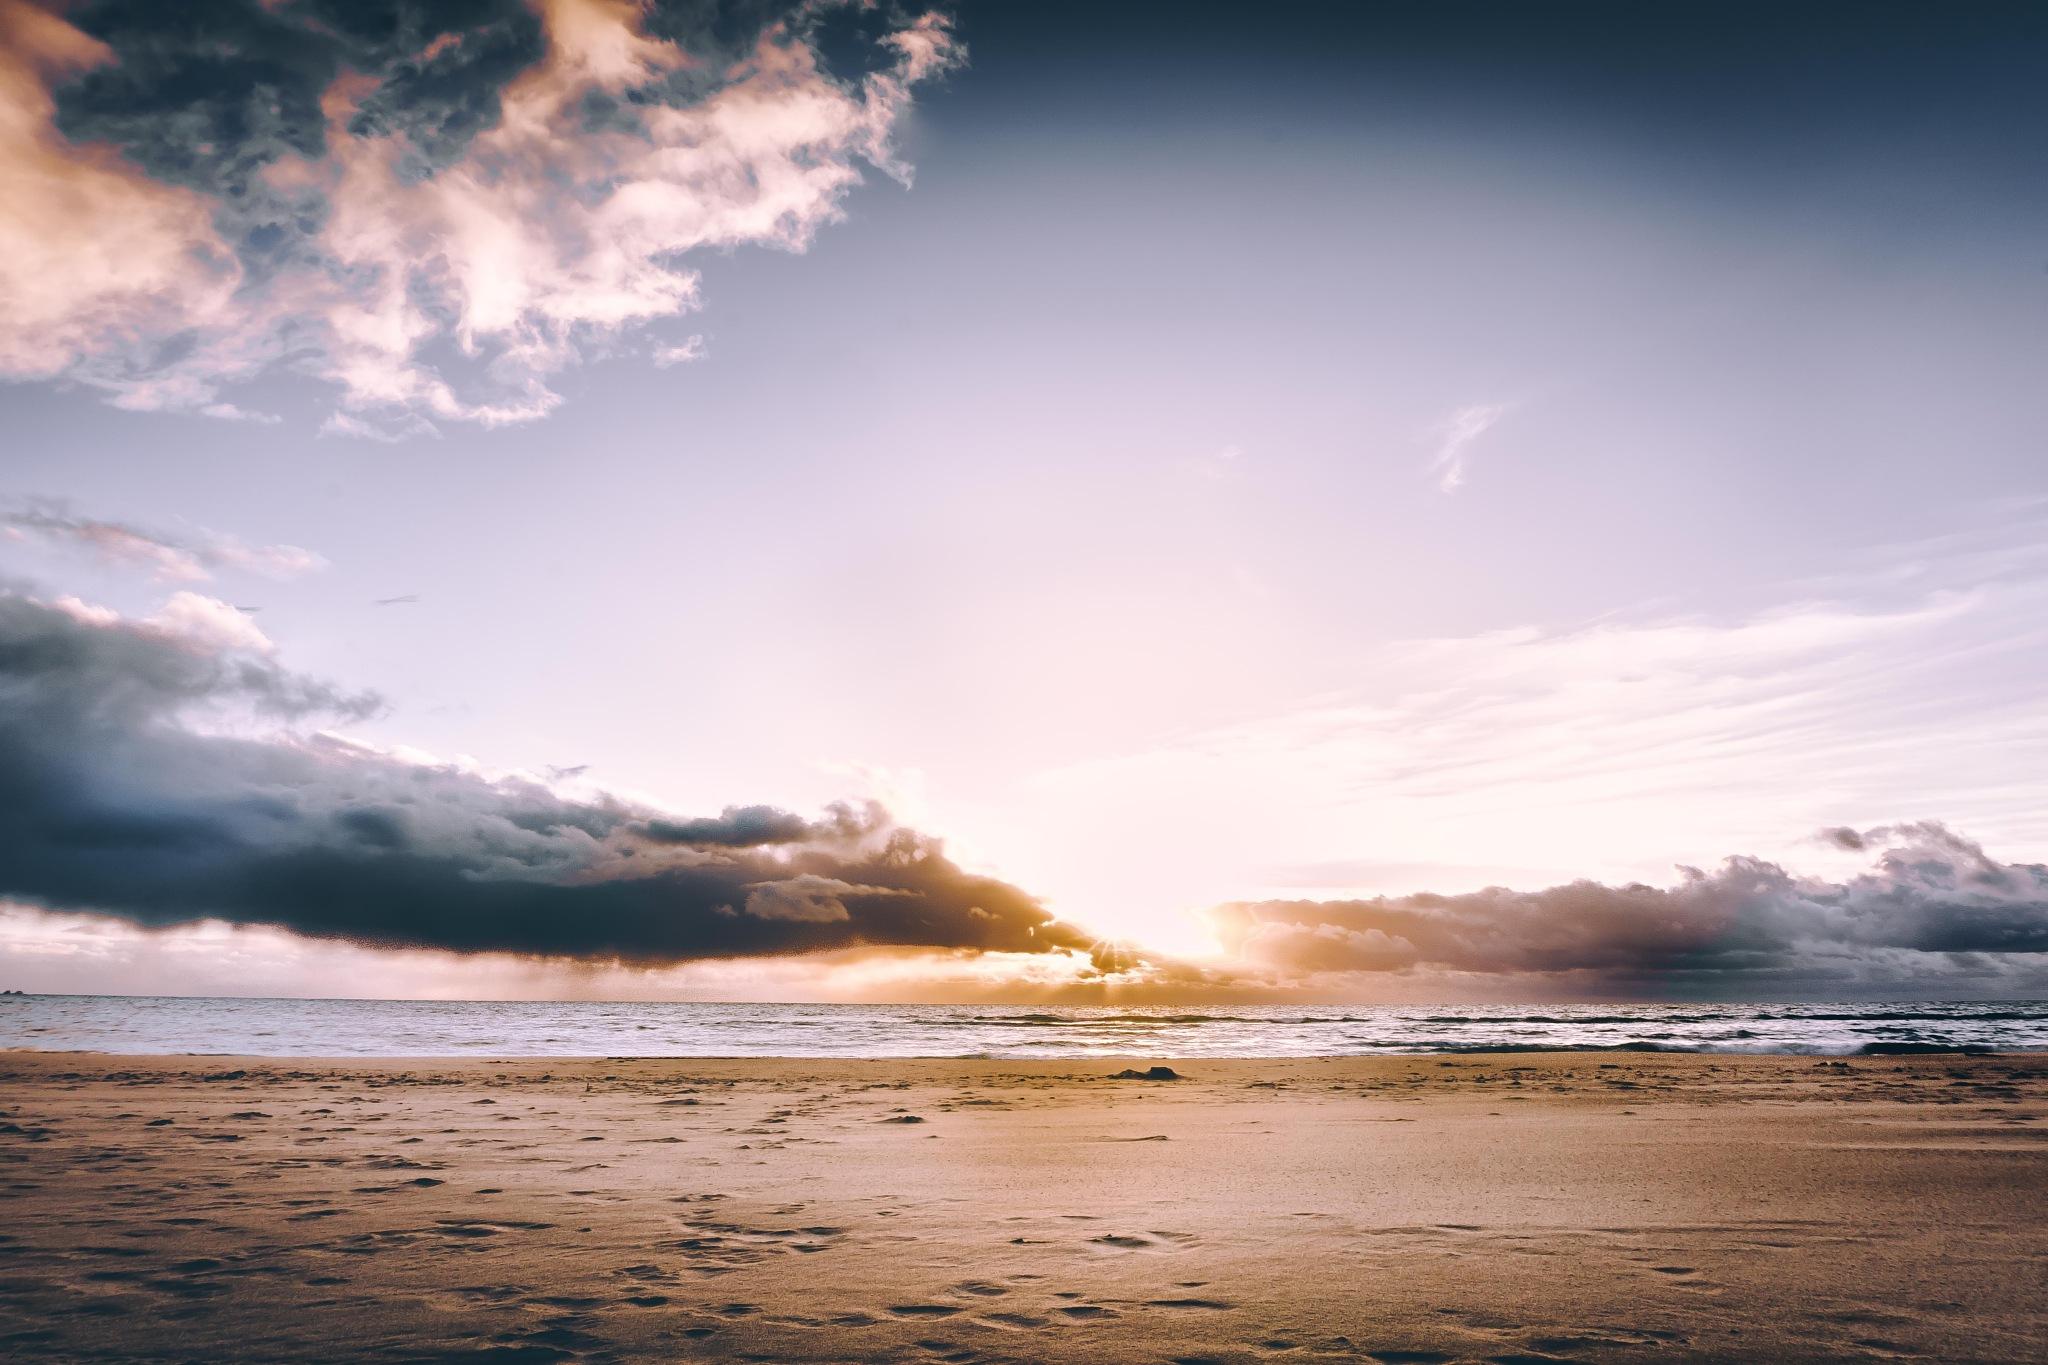 Behind the clouds by Peter van der Waard